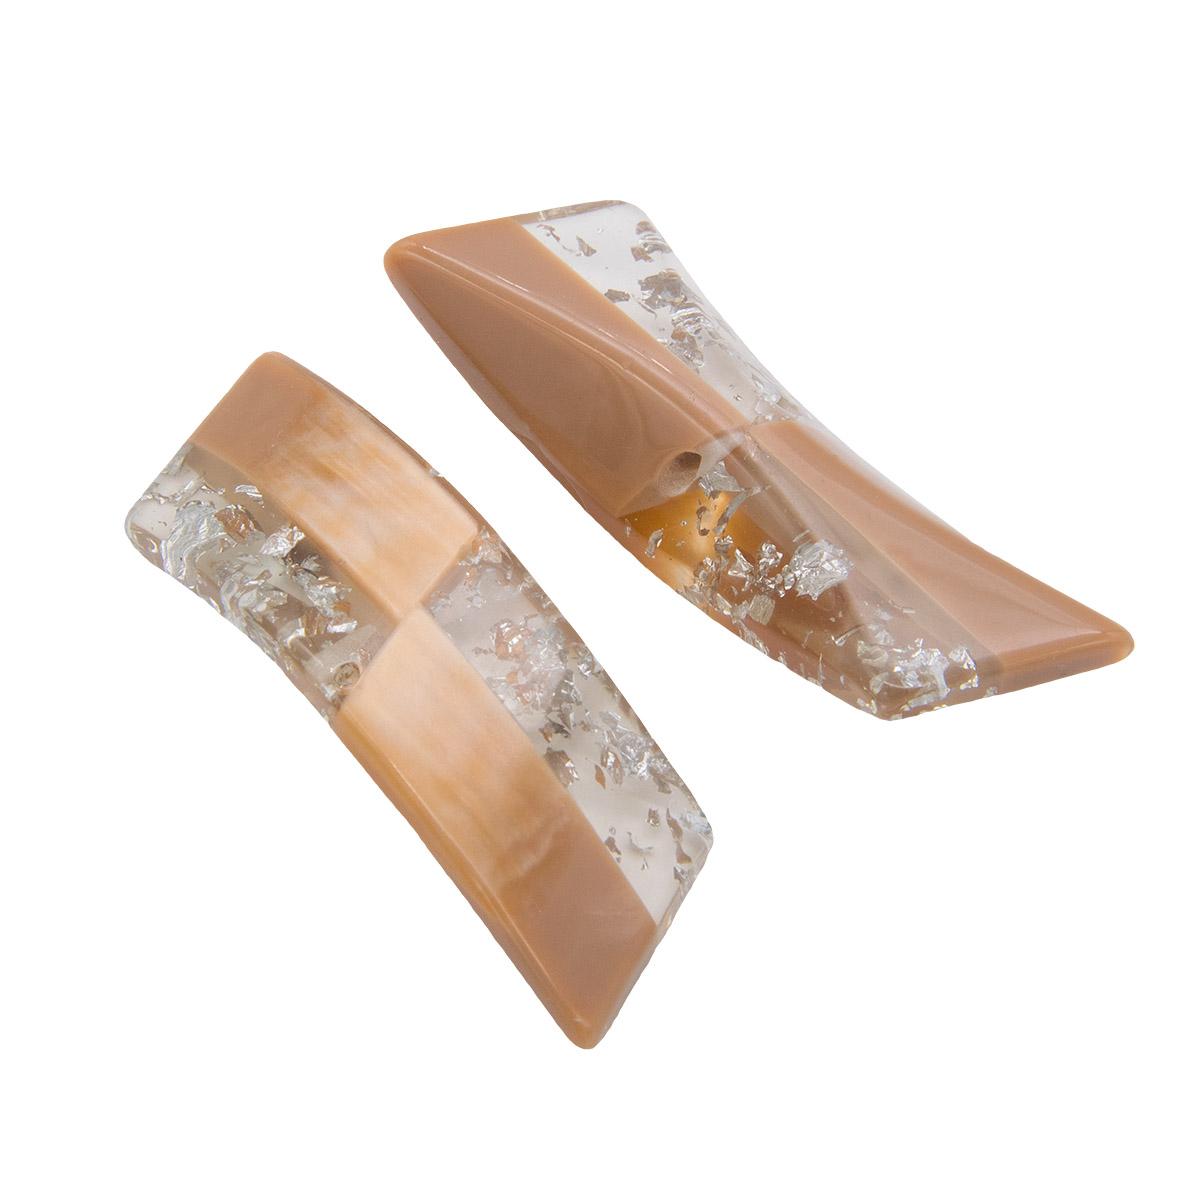 Пуговица пальтовая на ножке (пластик)